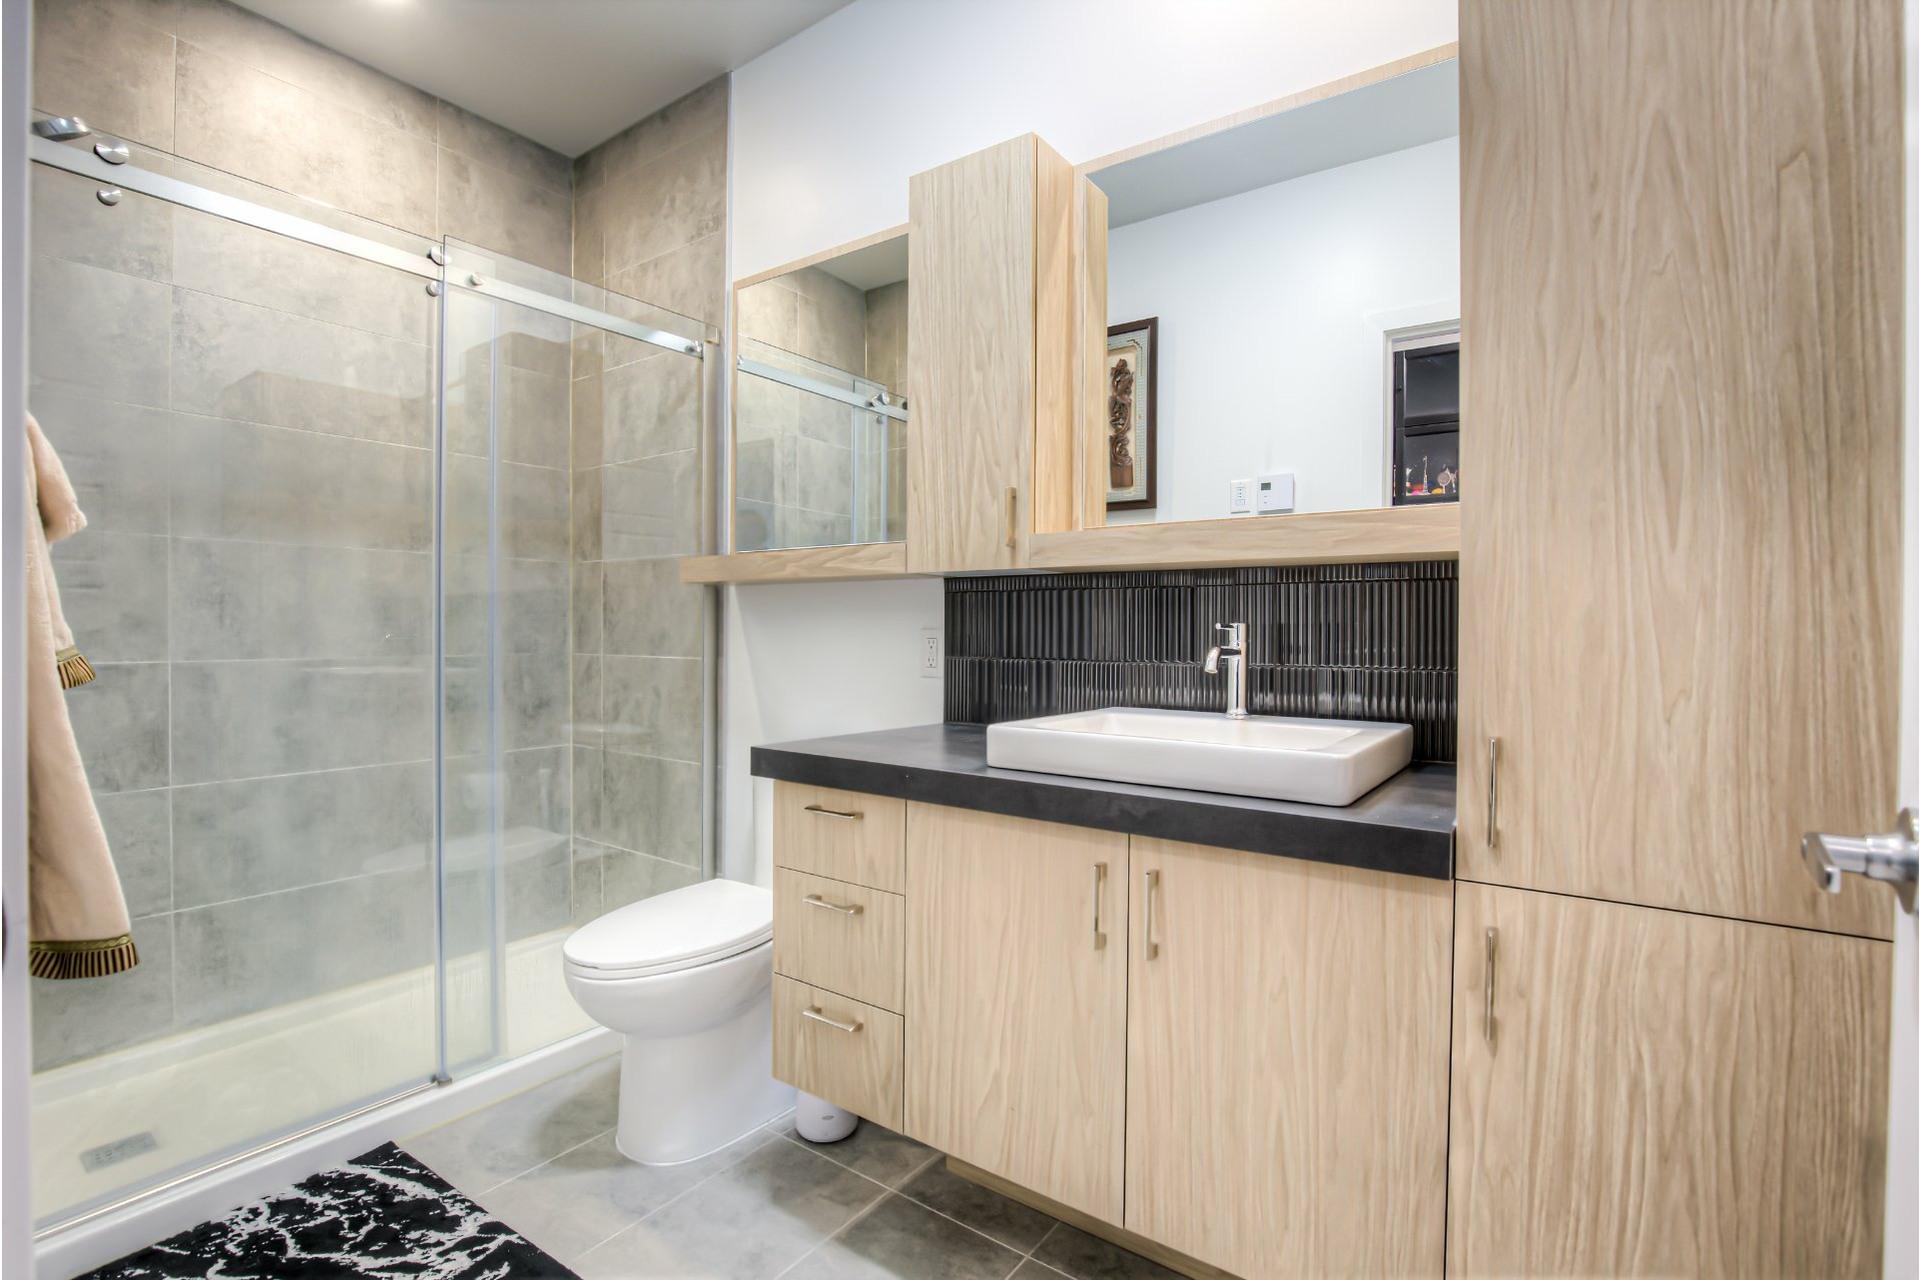 image 11 - Appartement À vendre Beaconsfield - 8 pièces